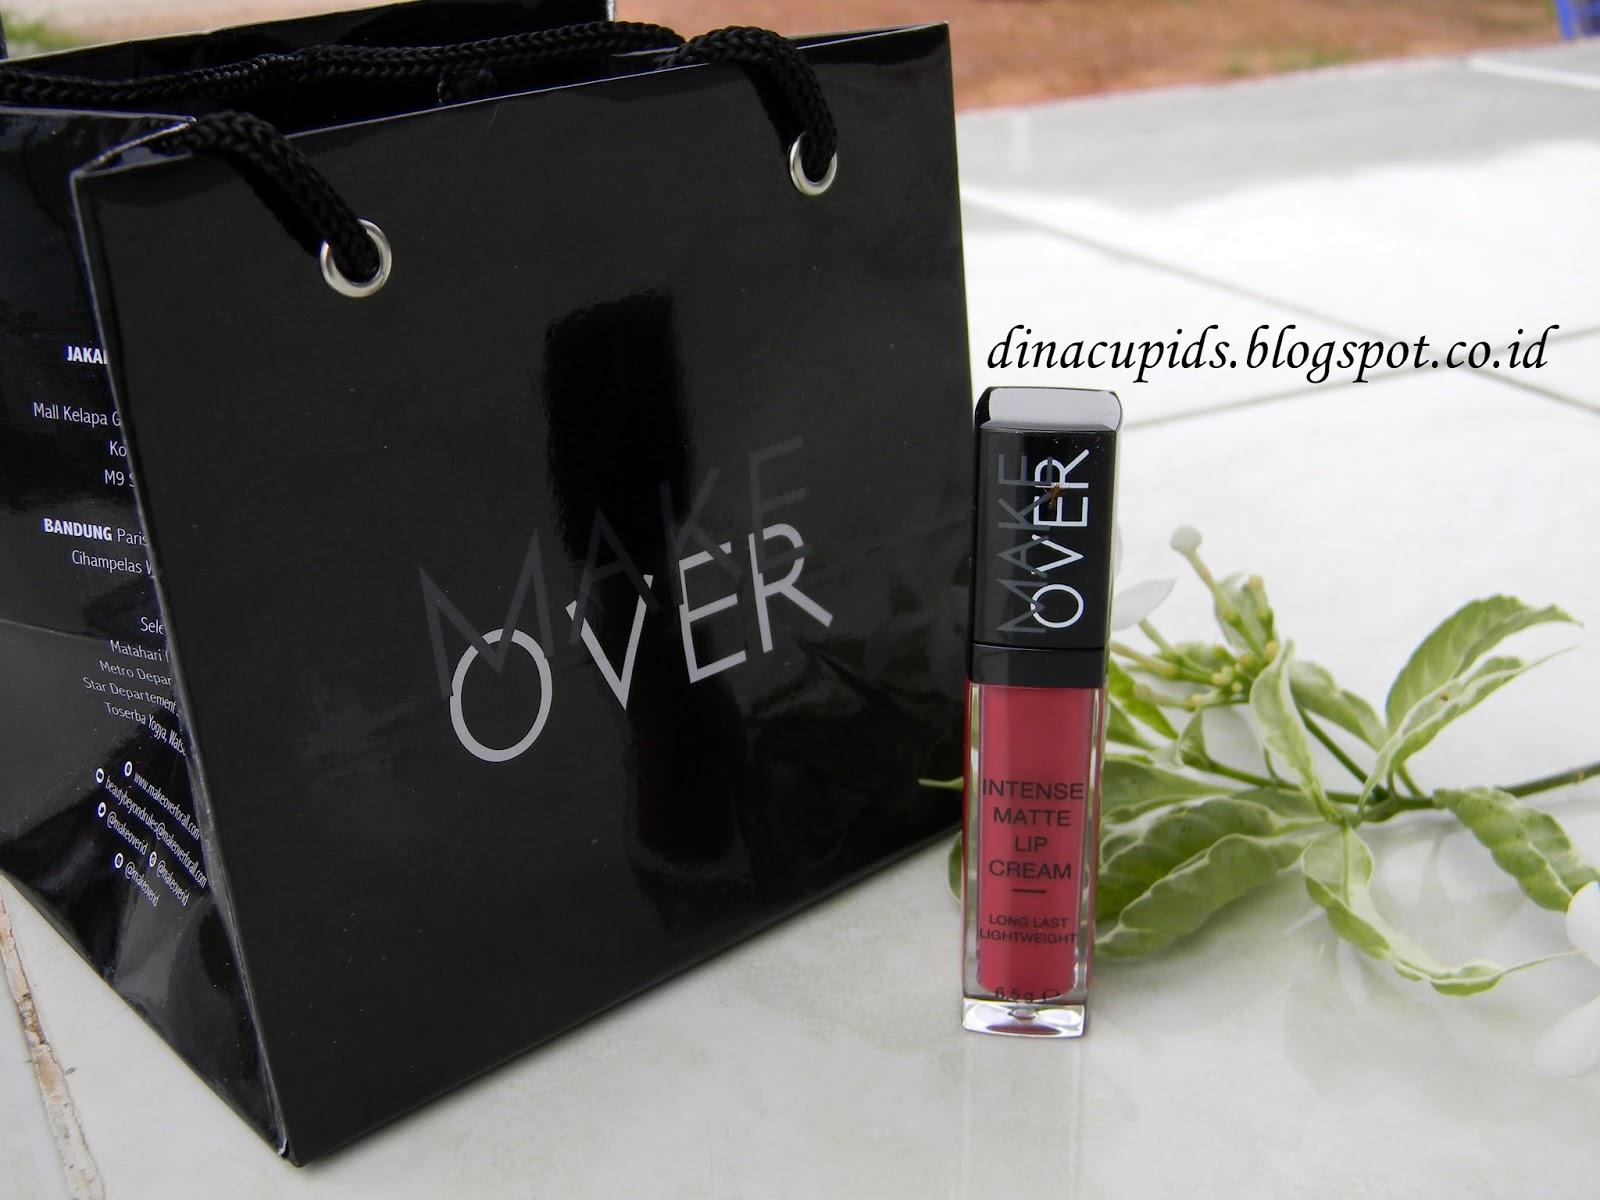 Lip Cream Make Over Intense Matte 005 Impulse Review Makeover Lipstick Lipstik Aku Gak Dapet Kotak Nya Deh Jadi Maaf Yahkalau Fotonya Kurang Lengkap